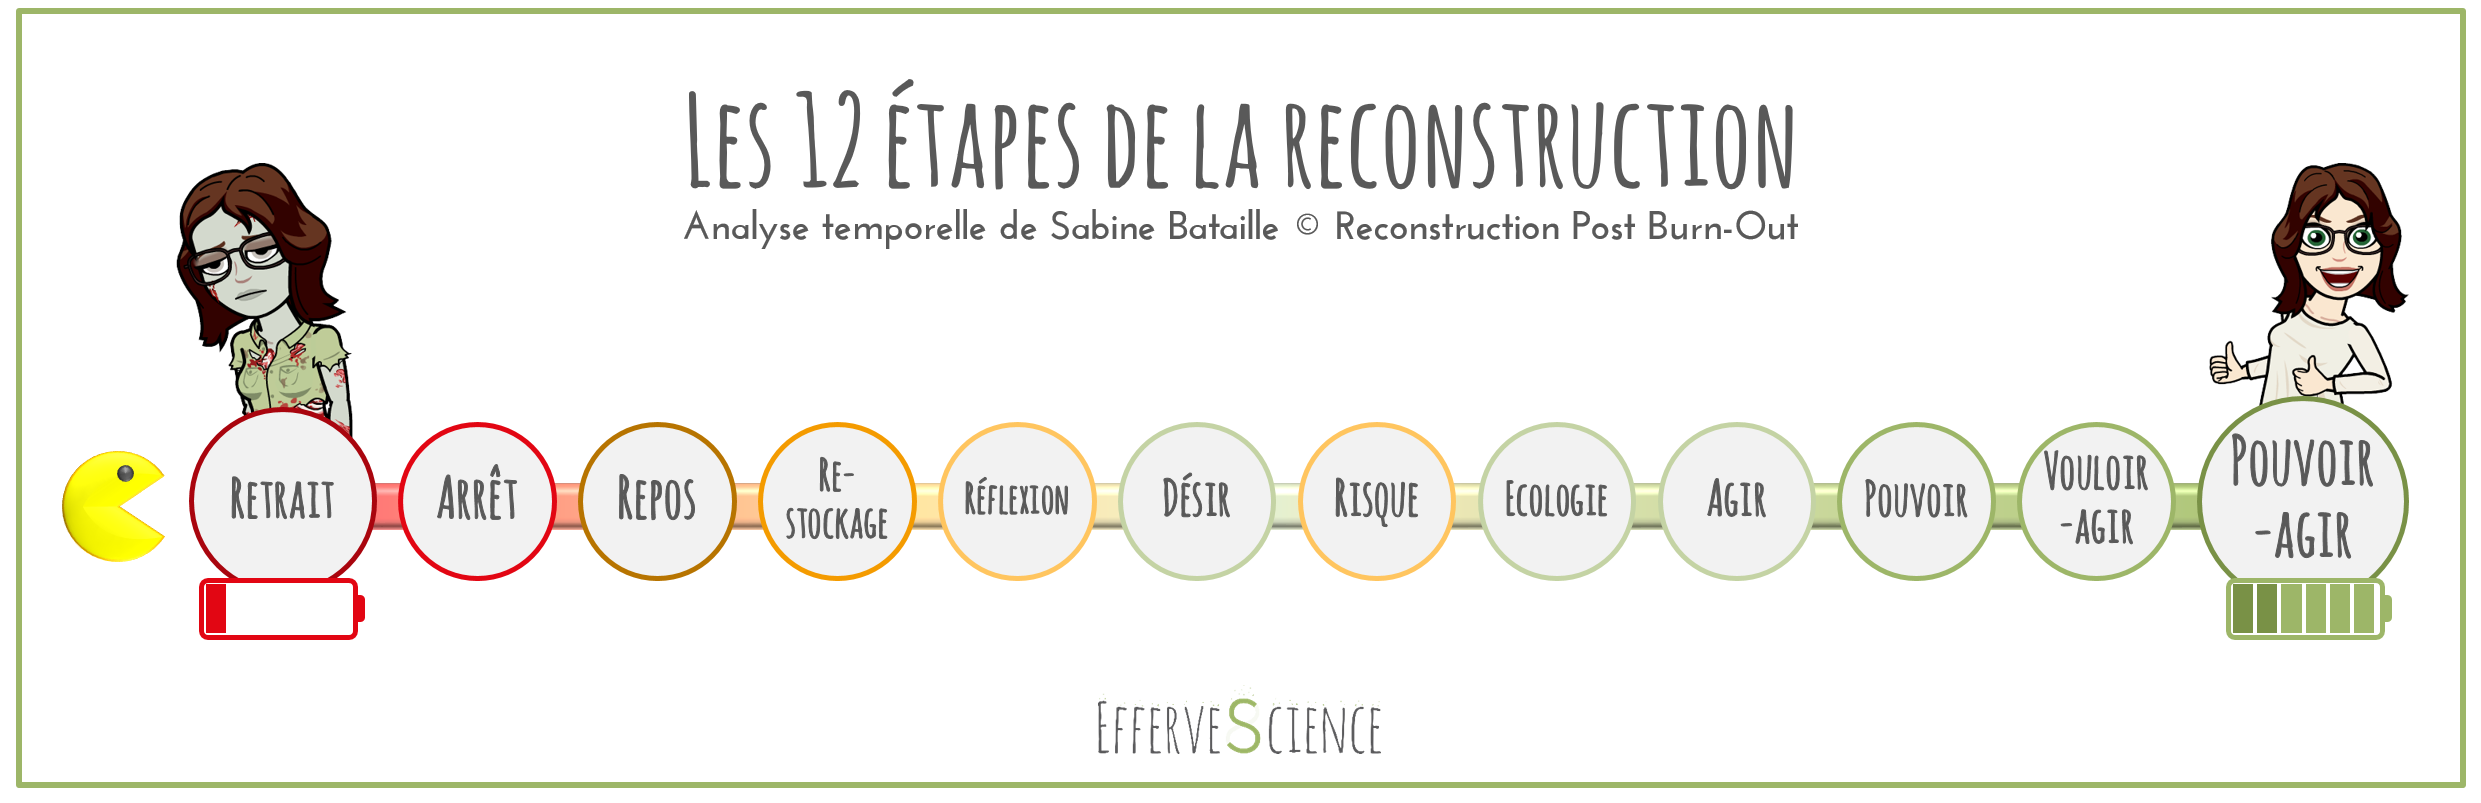 Les 12 étapes temporelles de la reconstruction post burn-out par Sabine Bataille